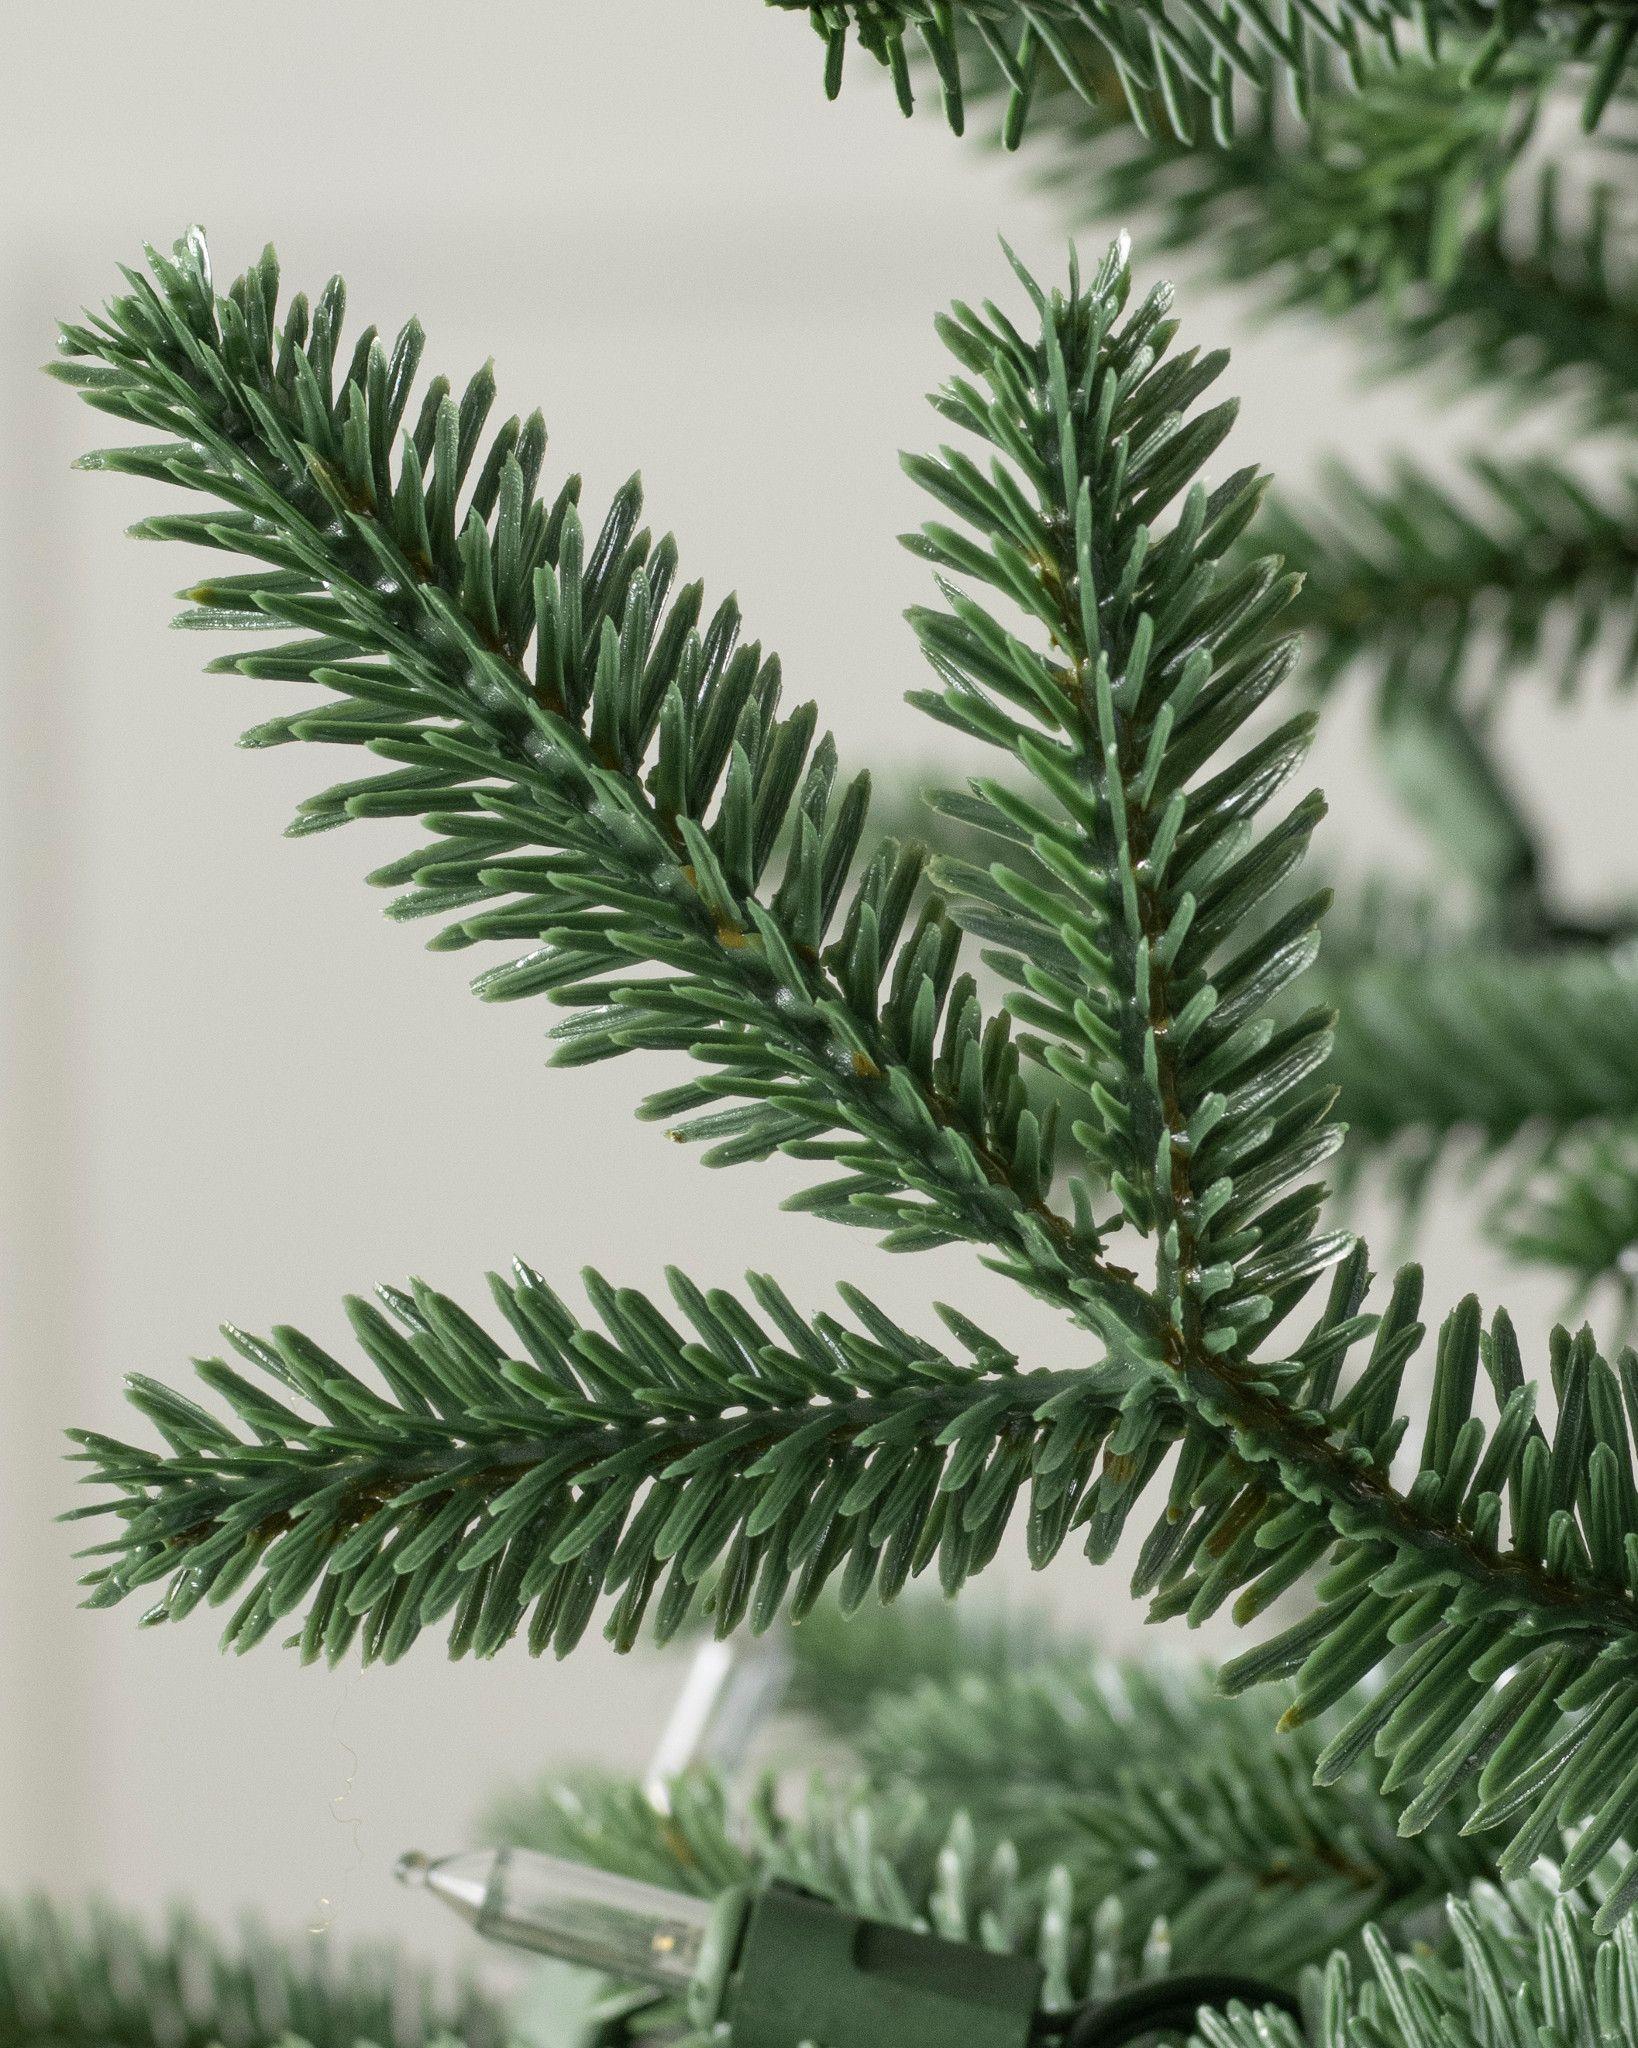 European Silver Fir Artificial Christmas Tree Balsam Hill